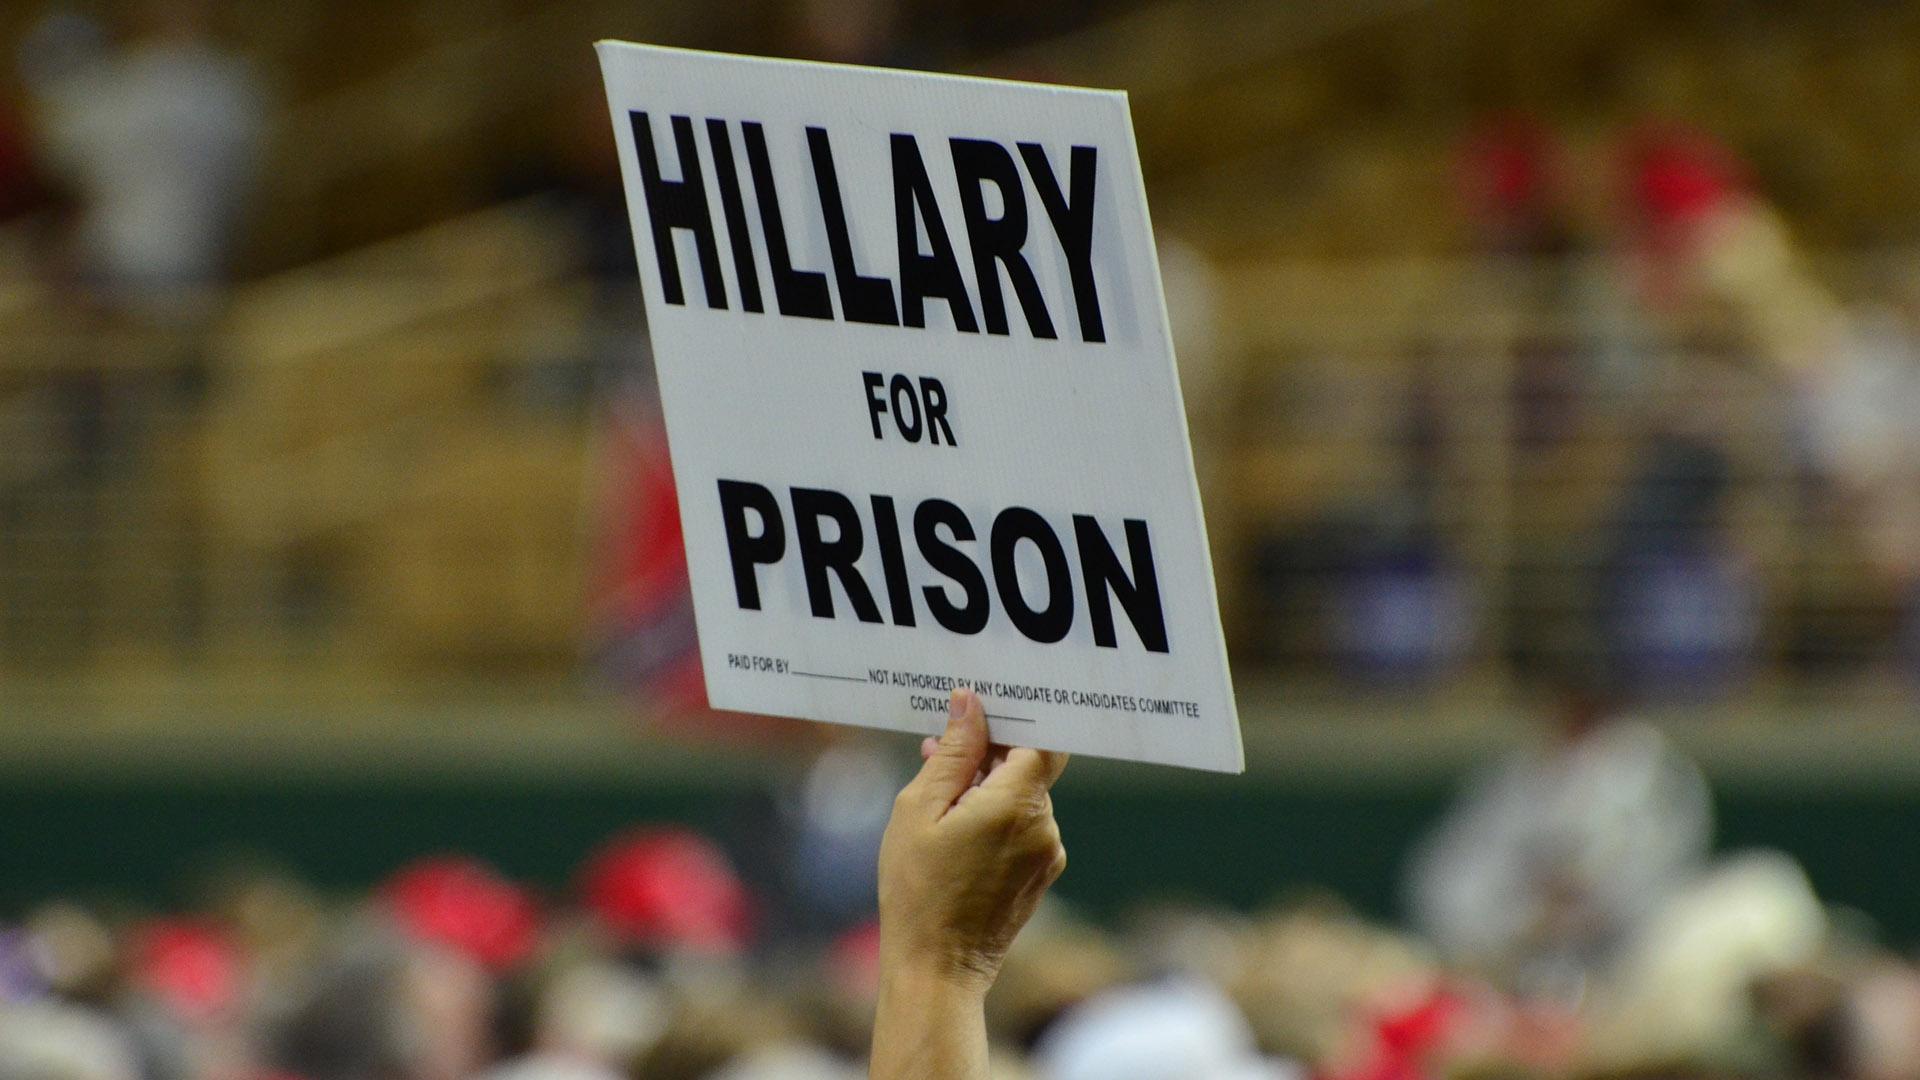 trump_hillary_prison_dsc_0341_sm